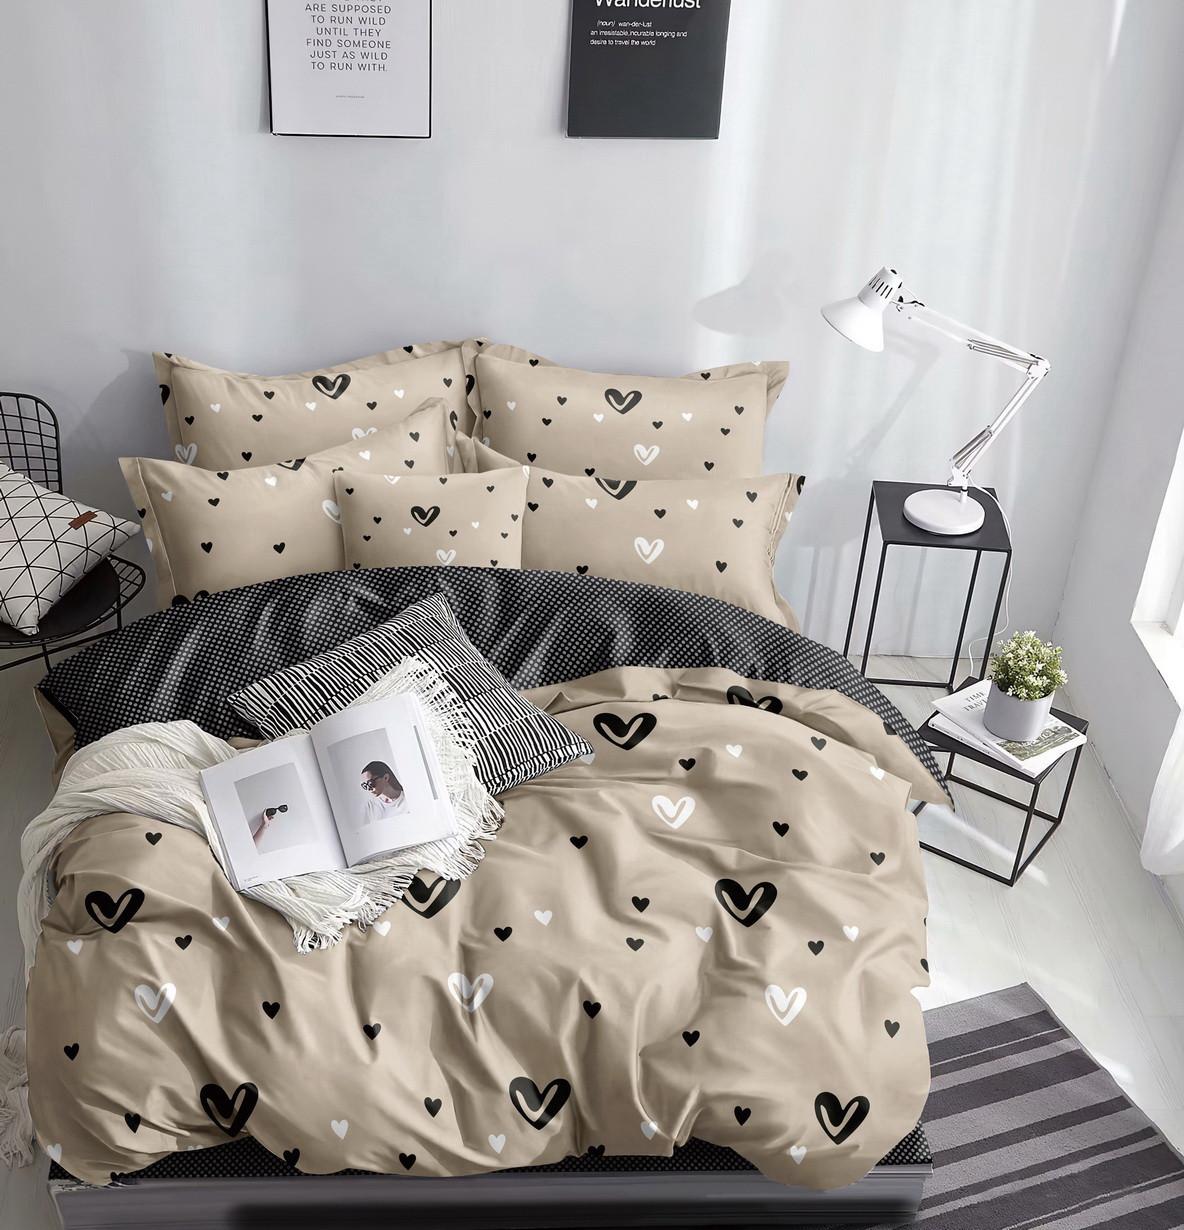 Комплект постельного белья бежевый из микросатина Евро.